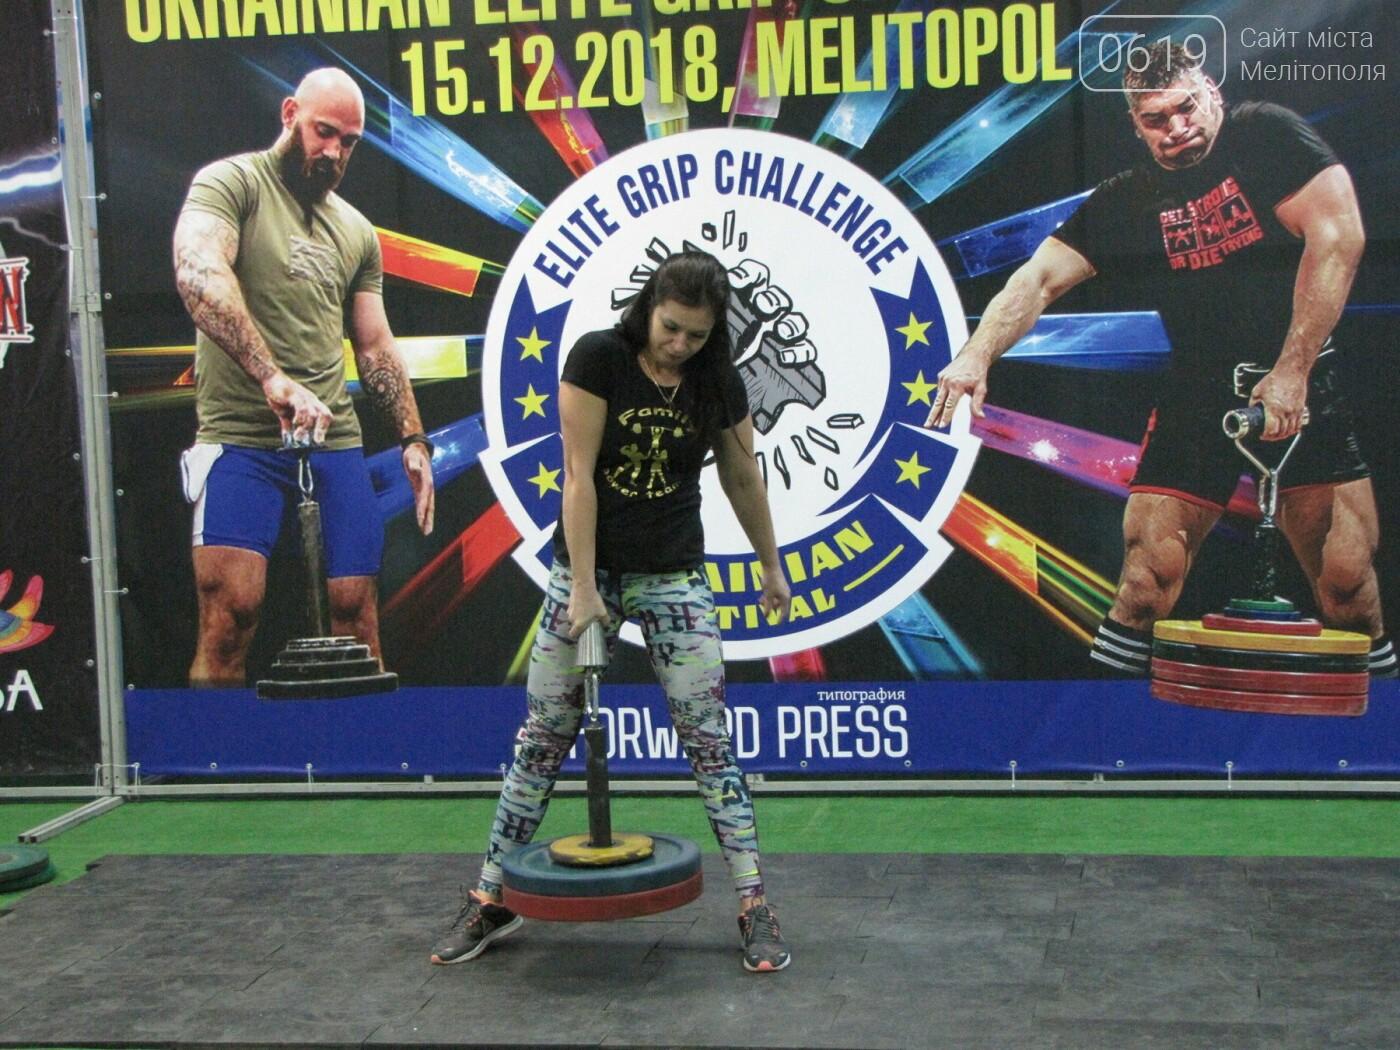 В Мелитополе сильнейшие атлеты соревновались в силе хвата, фото-31